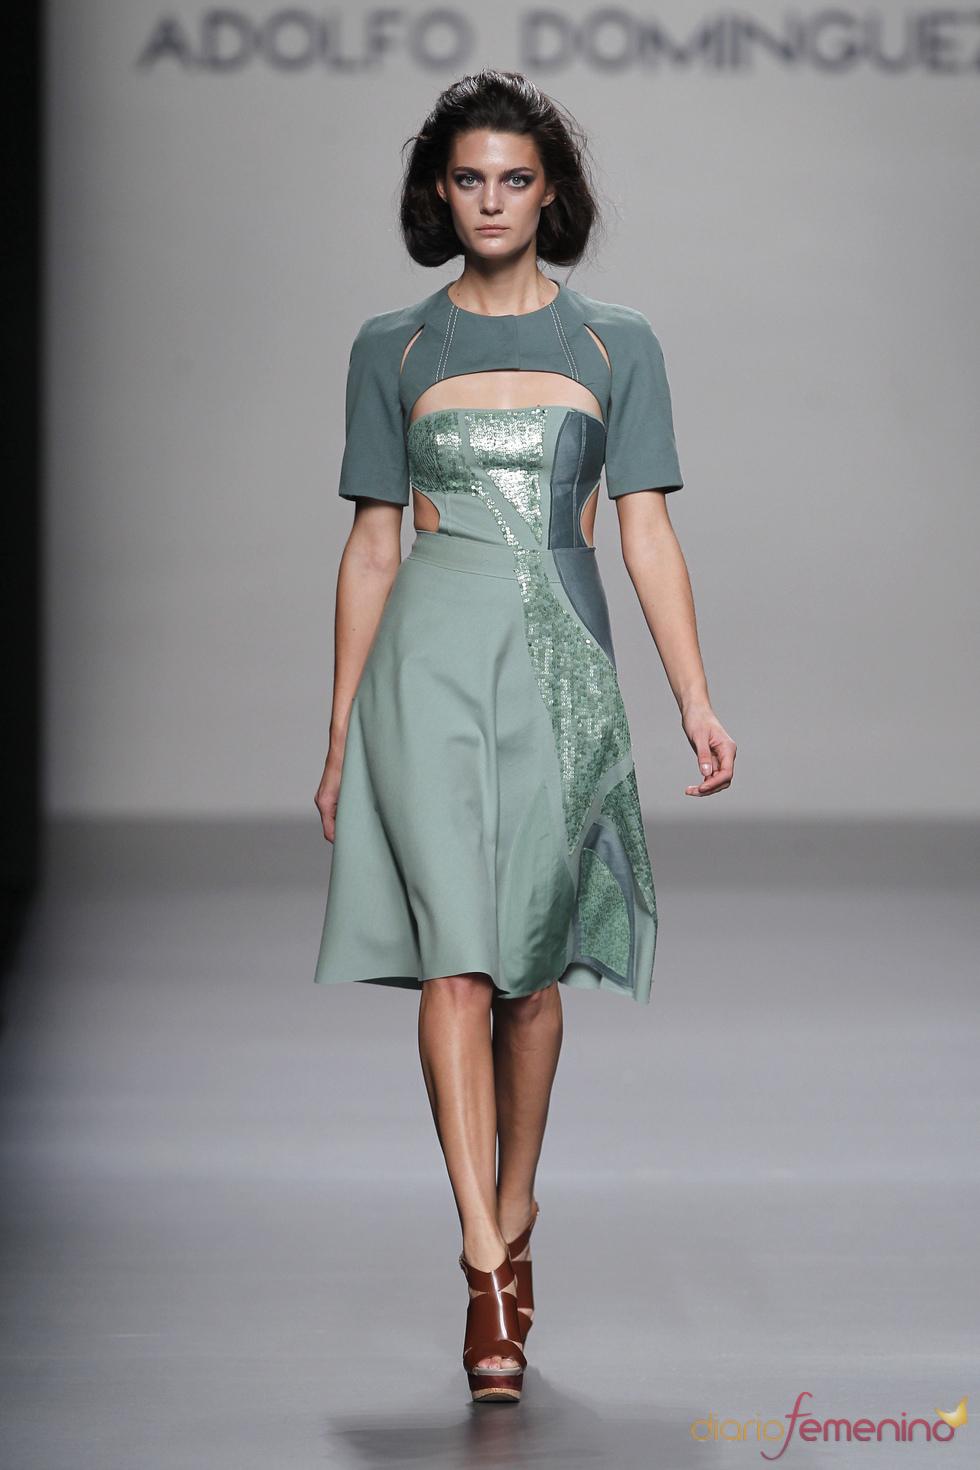 Adolfo Domínguez presenta su colección primavera-verano 2011